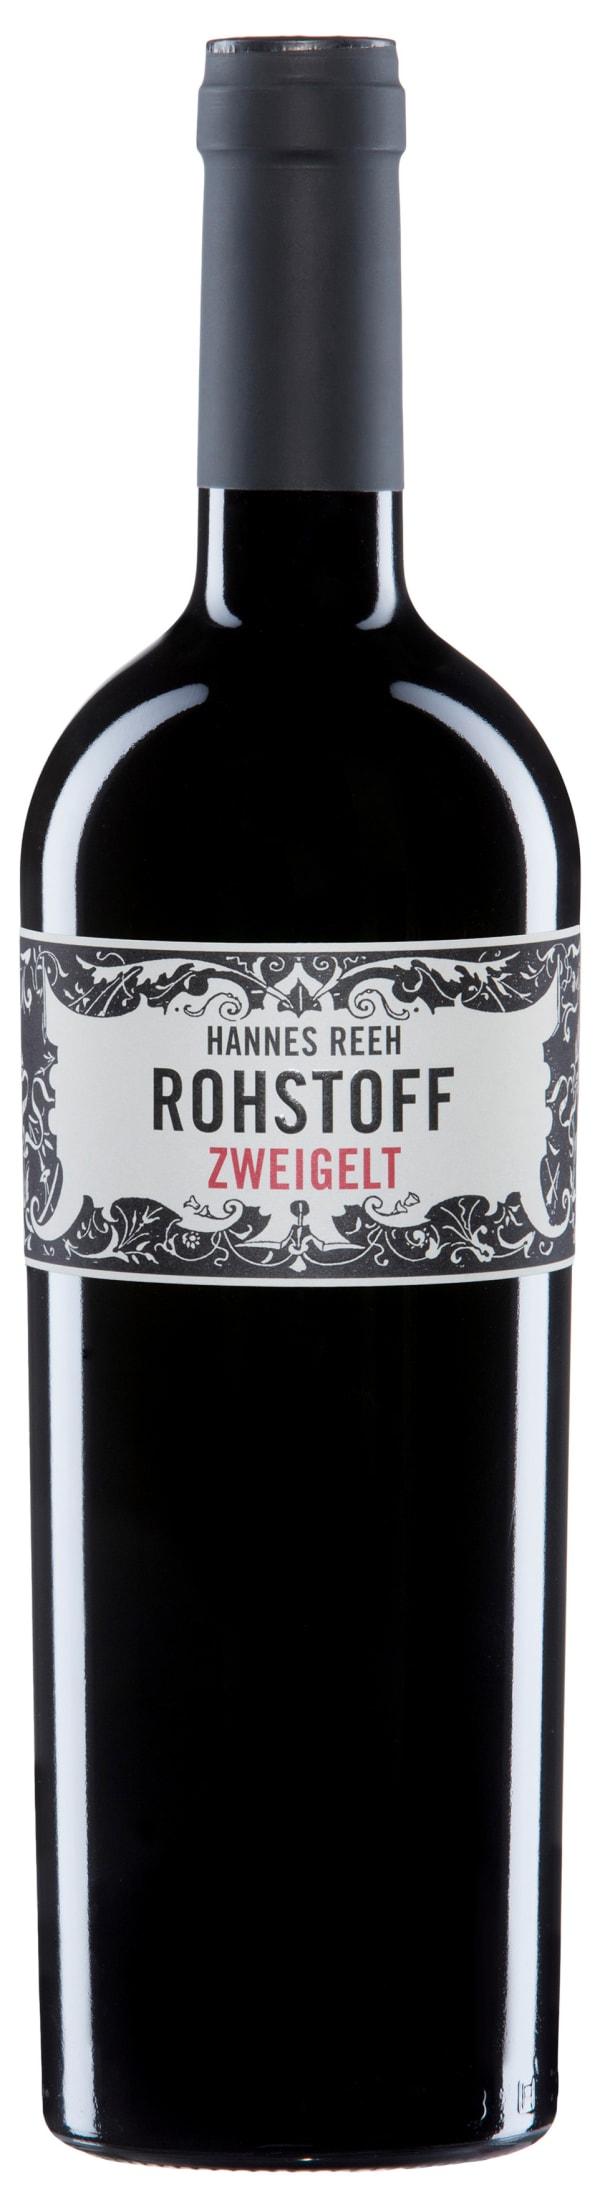 Hannes Reeh Rohstoff Zweígelt 2015